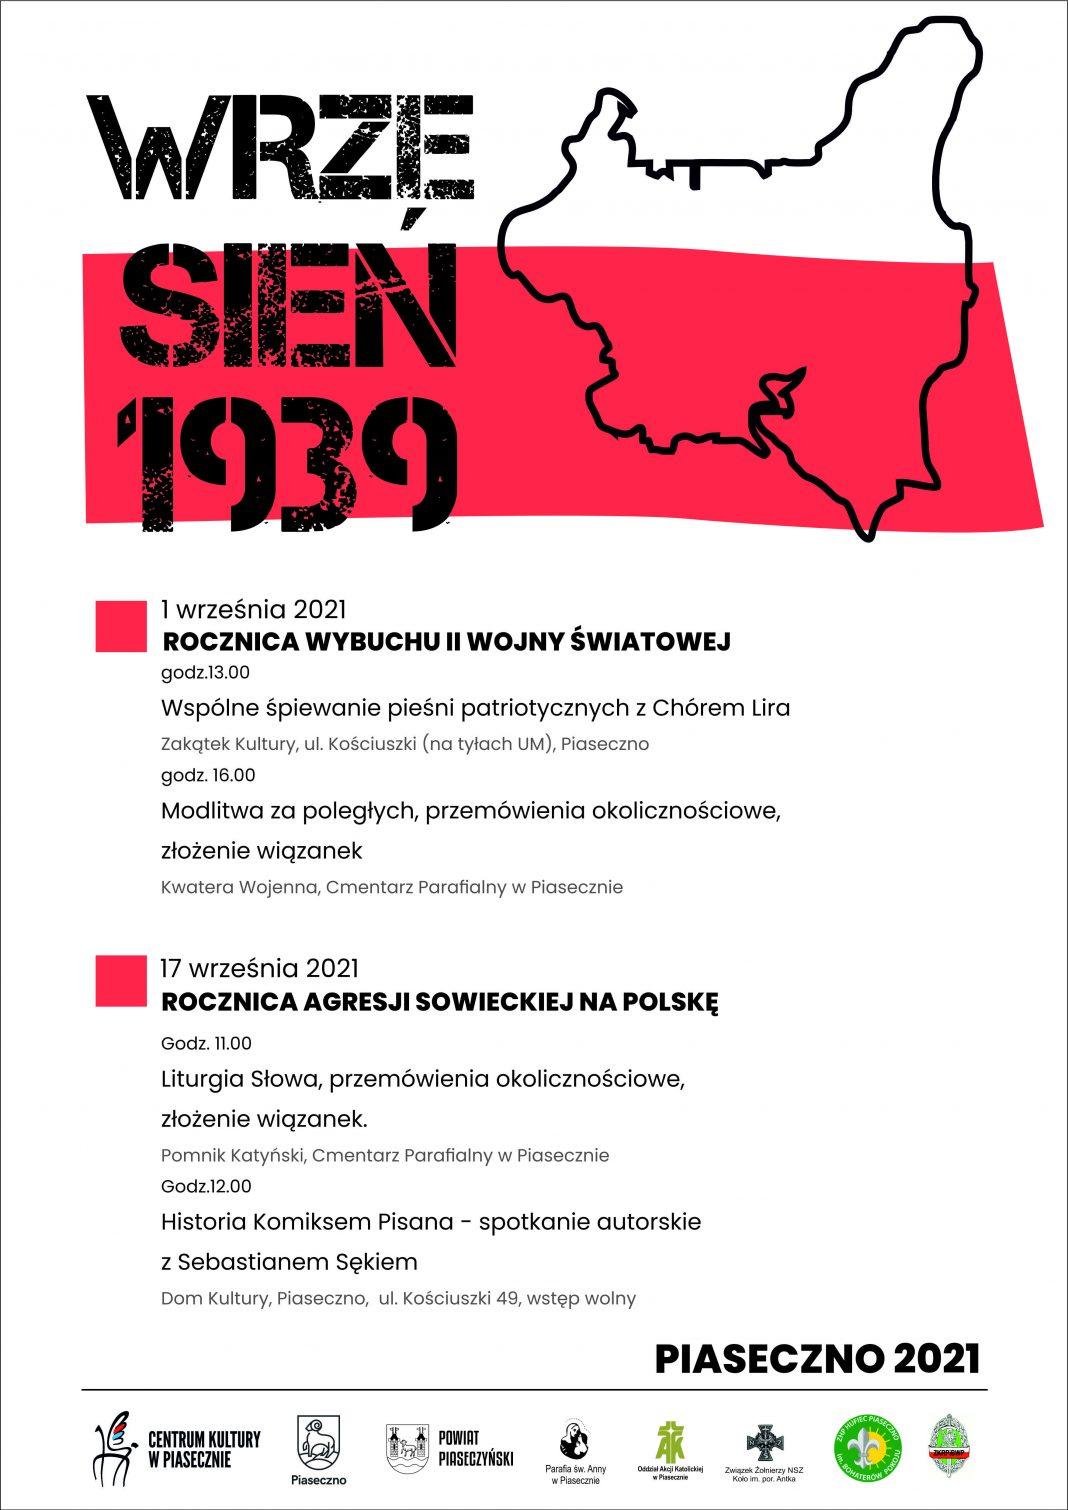 Plakat wydarzenia 82. rocznica wybuchu II Wojny Światowej